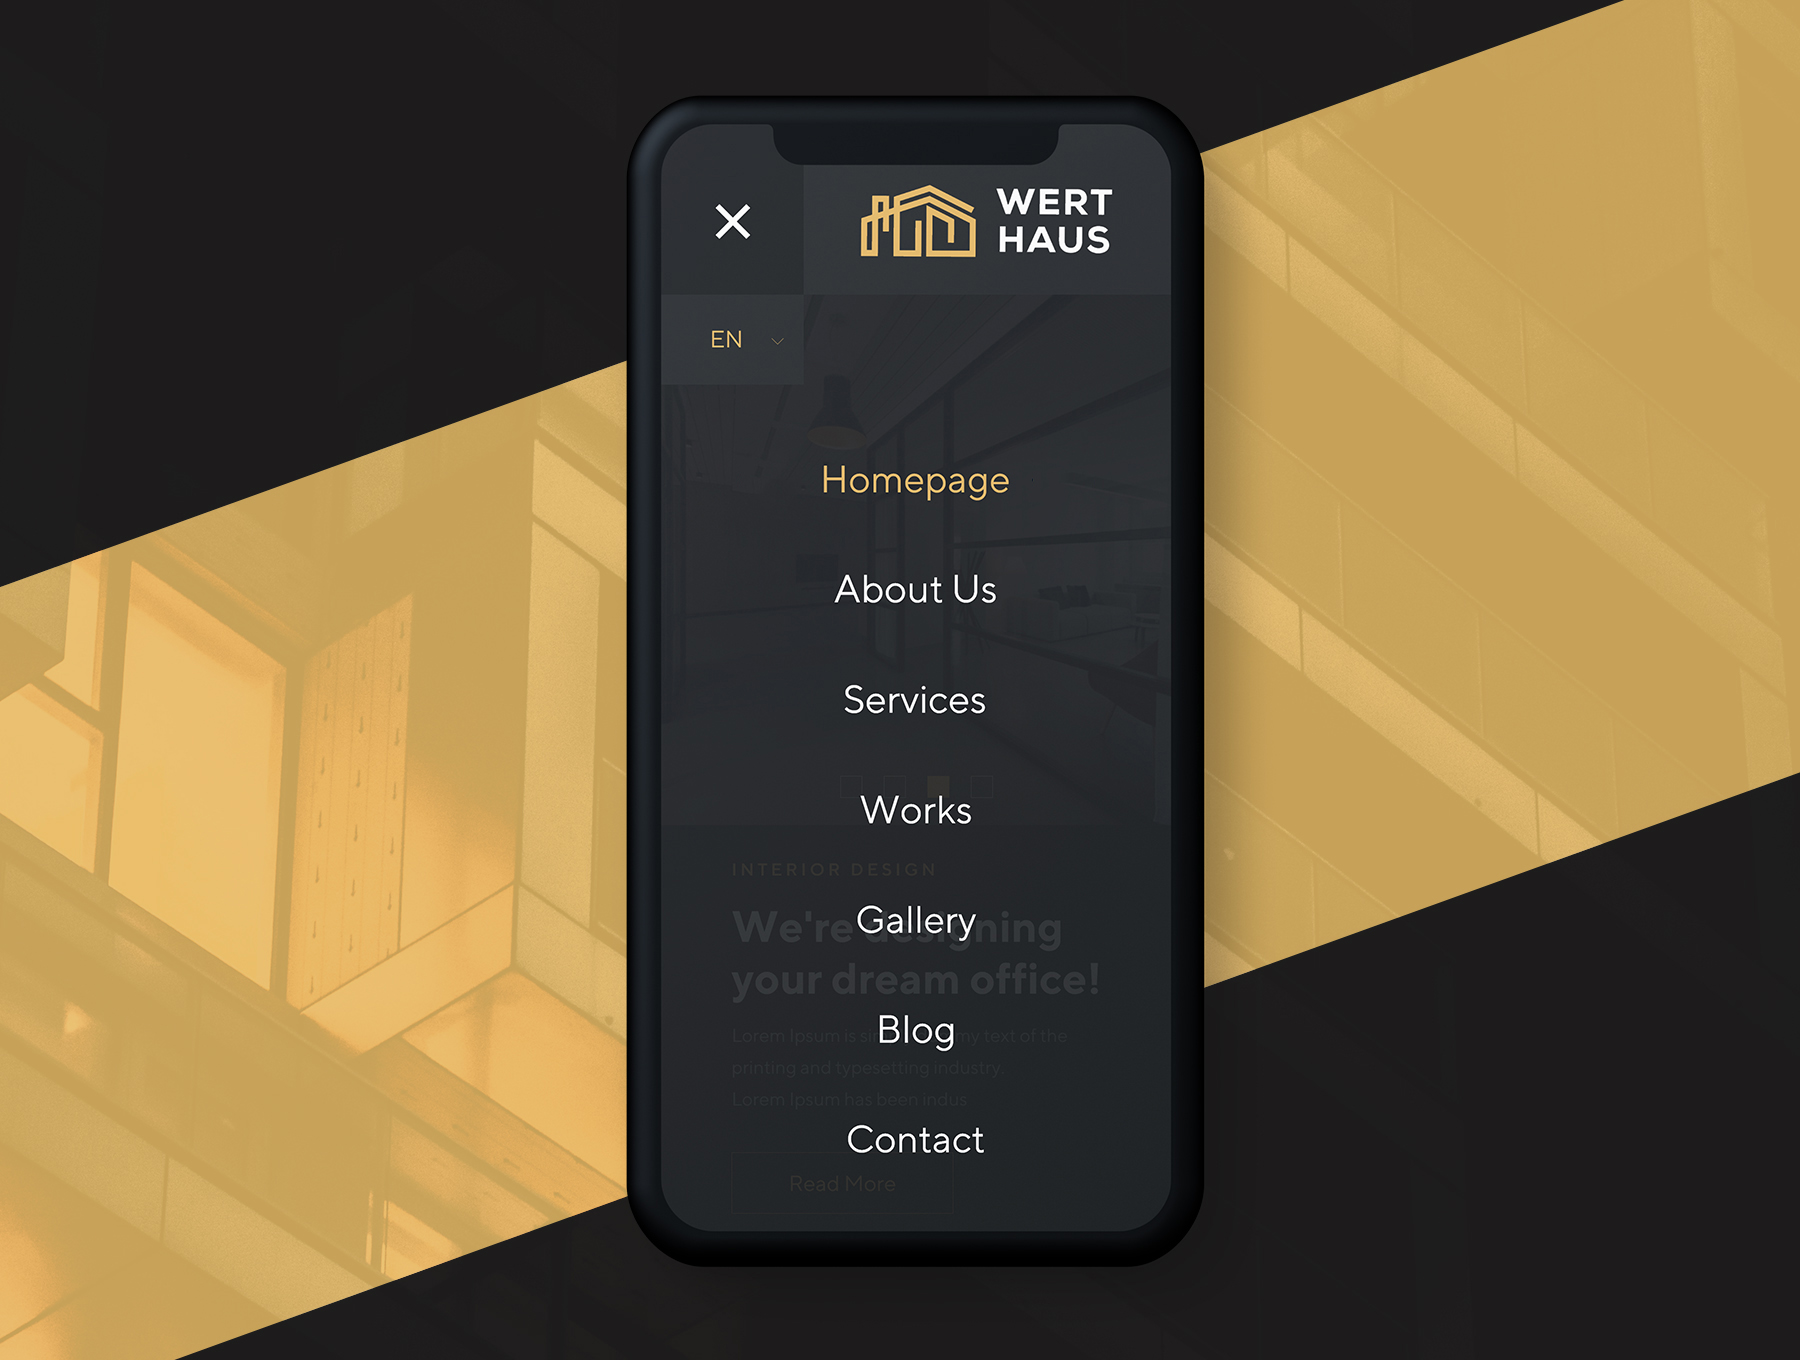 高端的响应式房地产或、房产或建筑介绍网站ui设计 网站ui[XD] Werthaus Architecture UI Kit